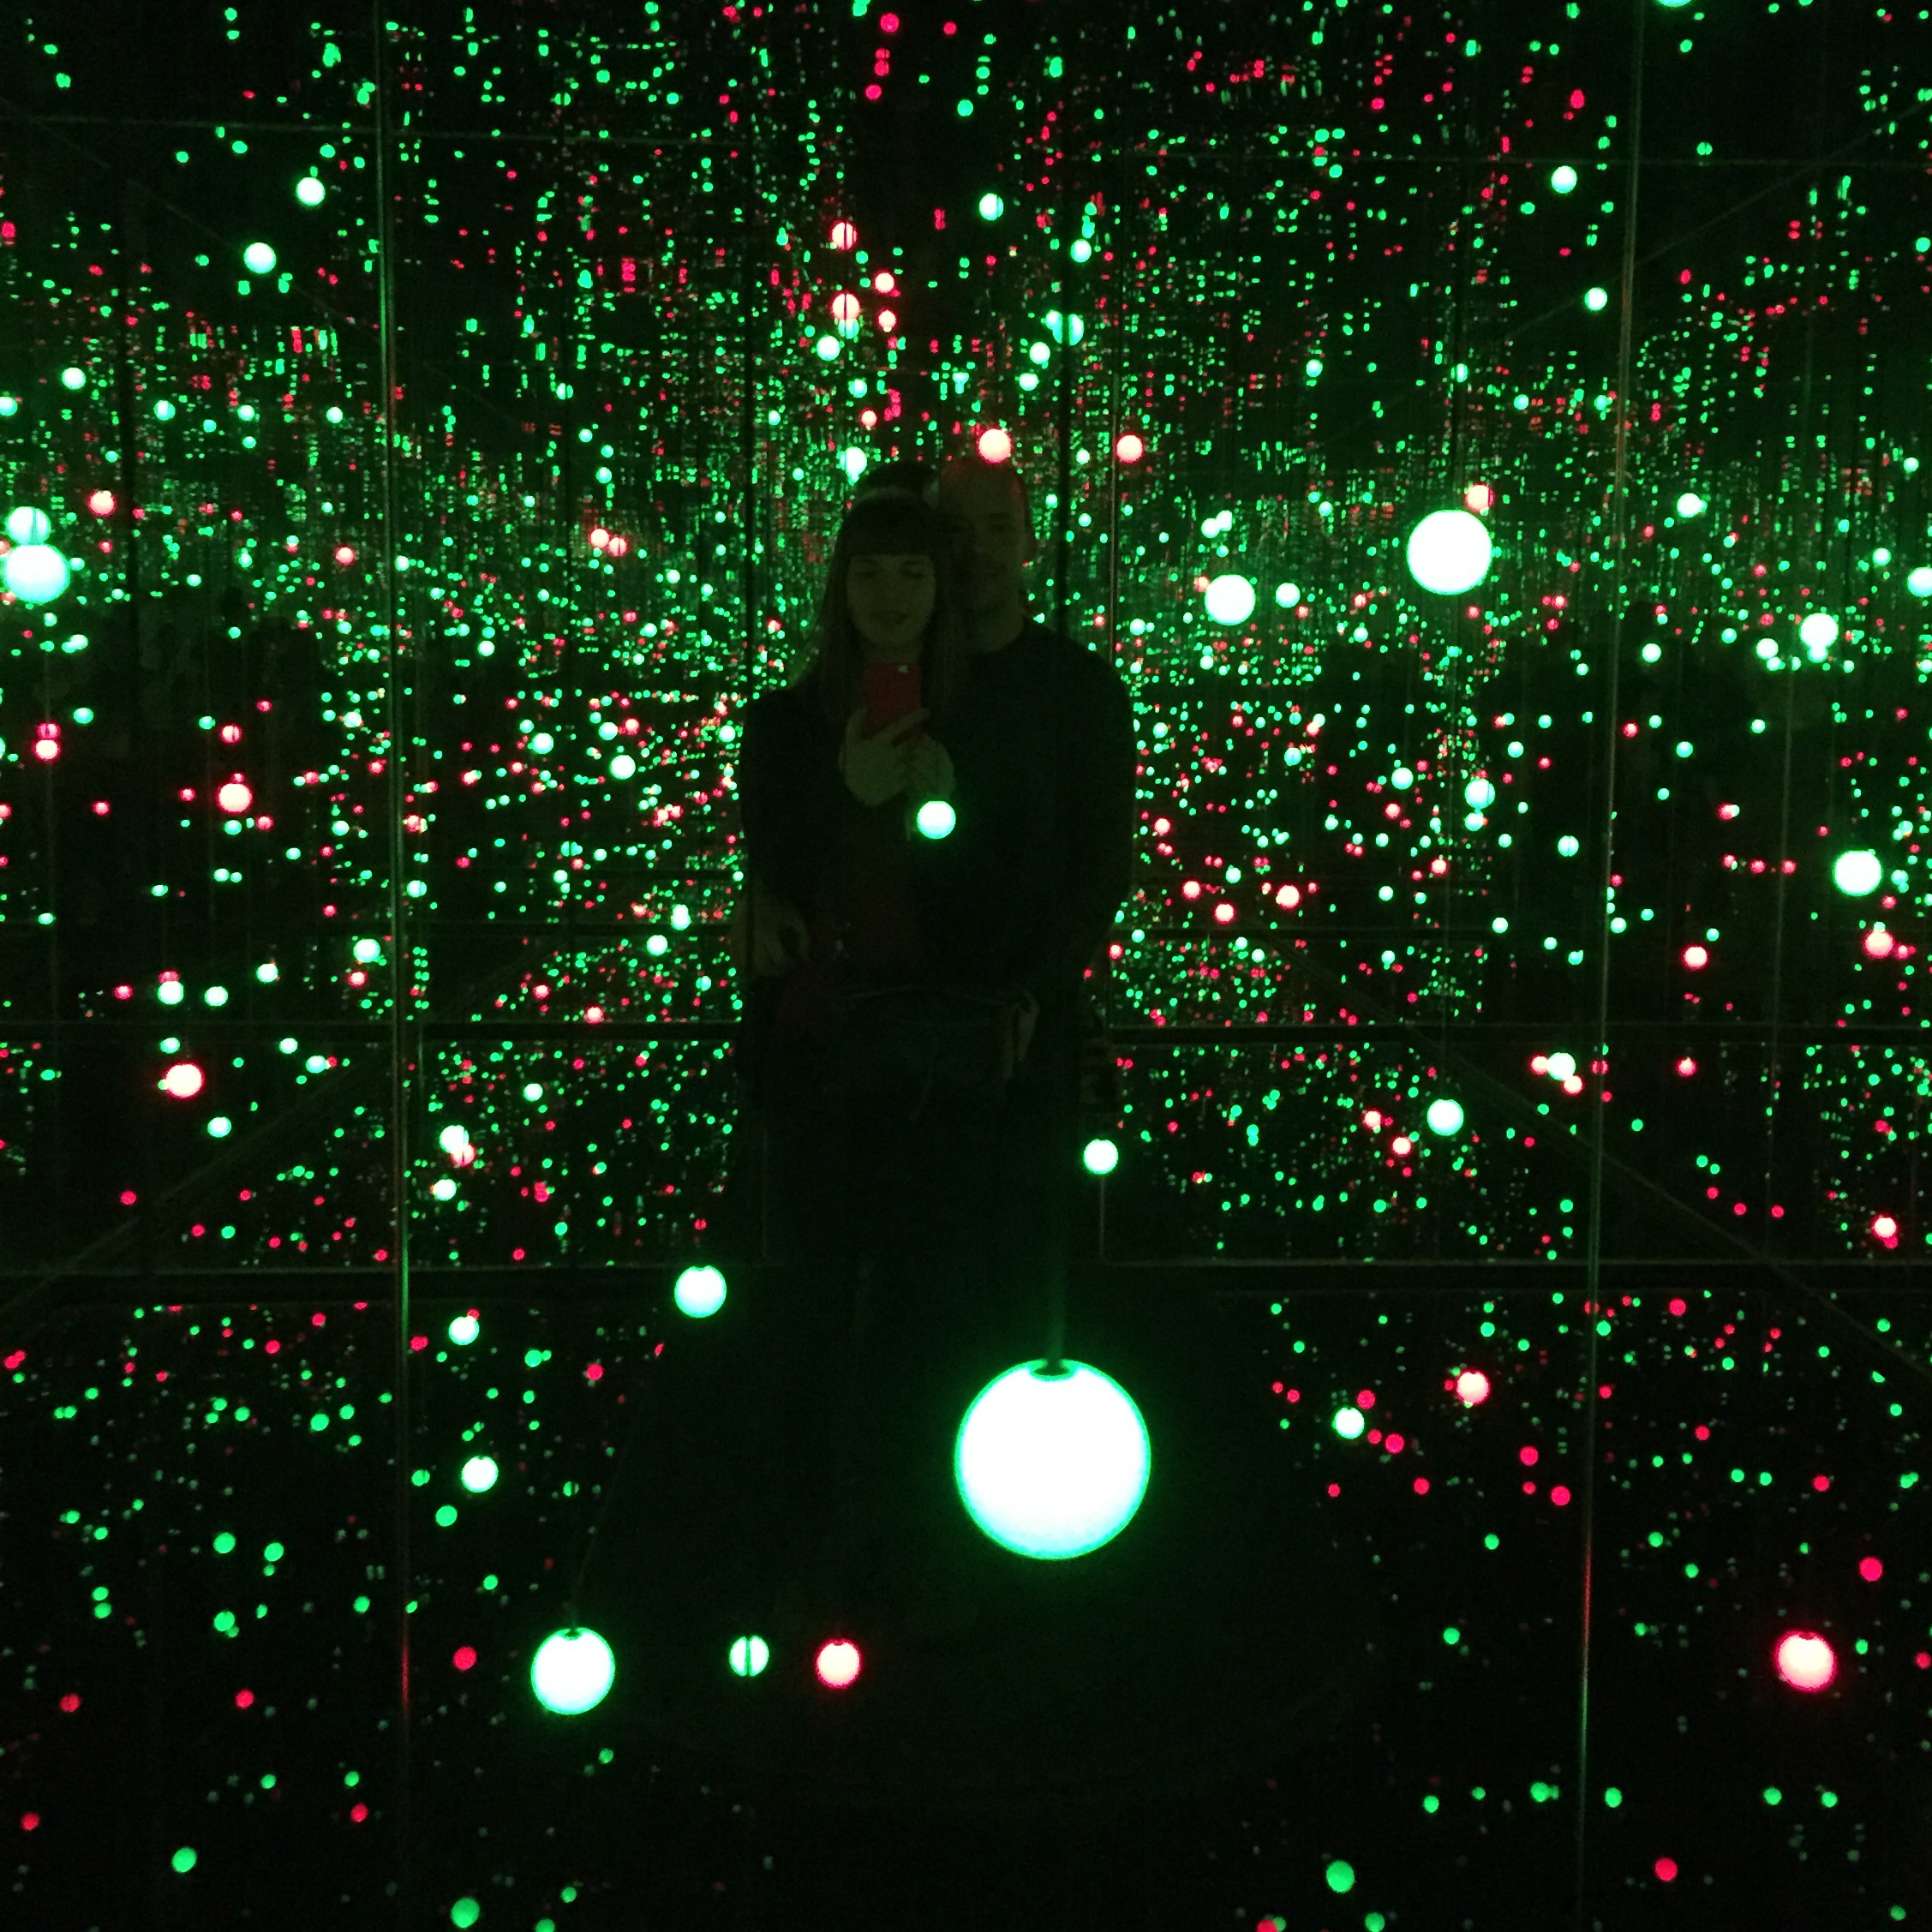 The Yayoi Kusama exhibit at the Louisiana, January 2016